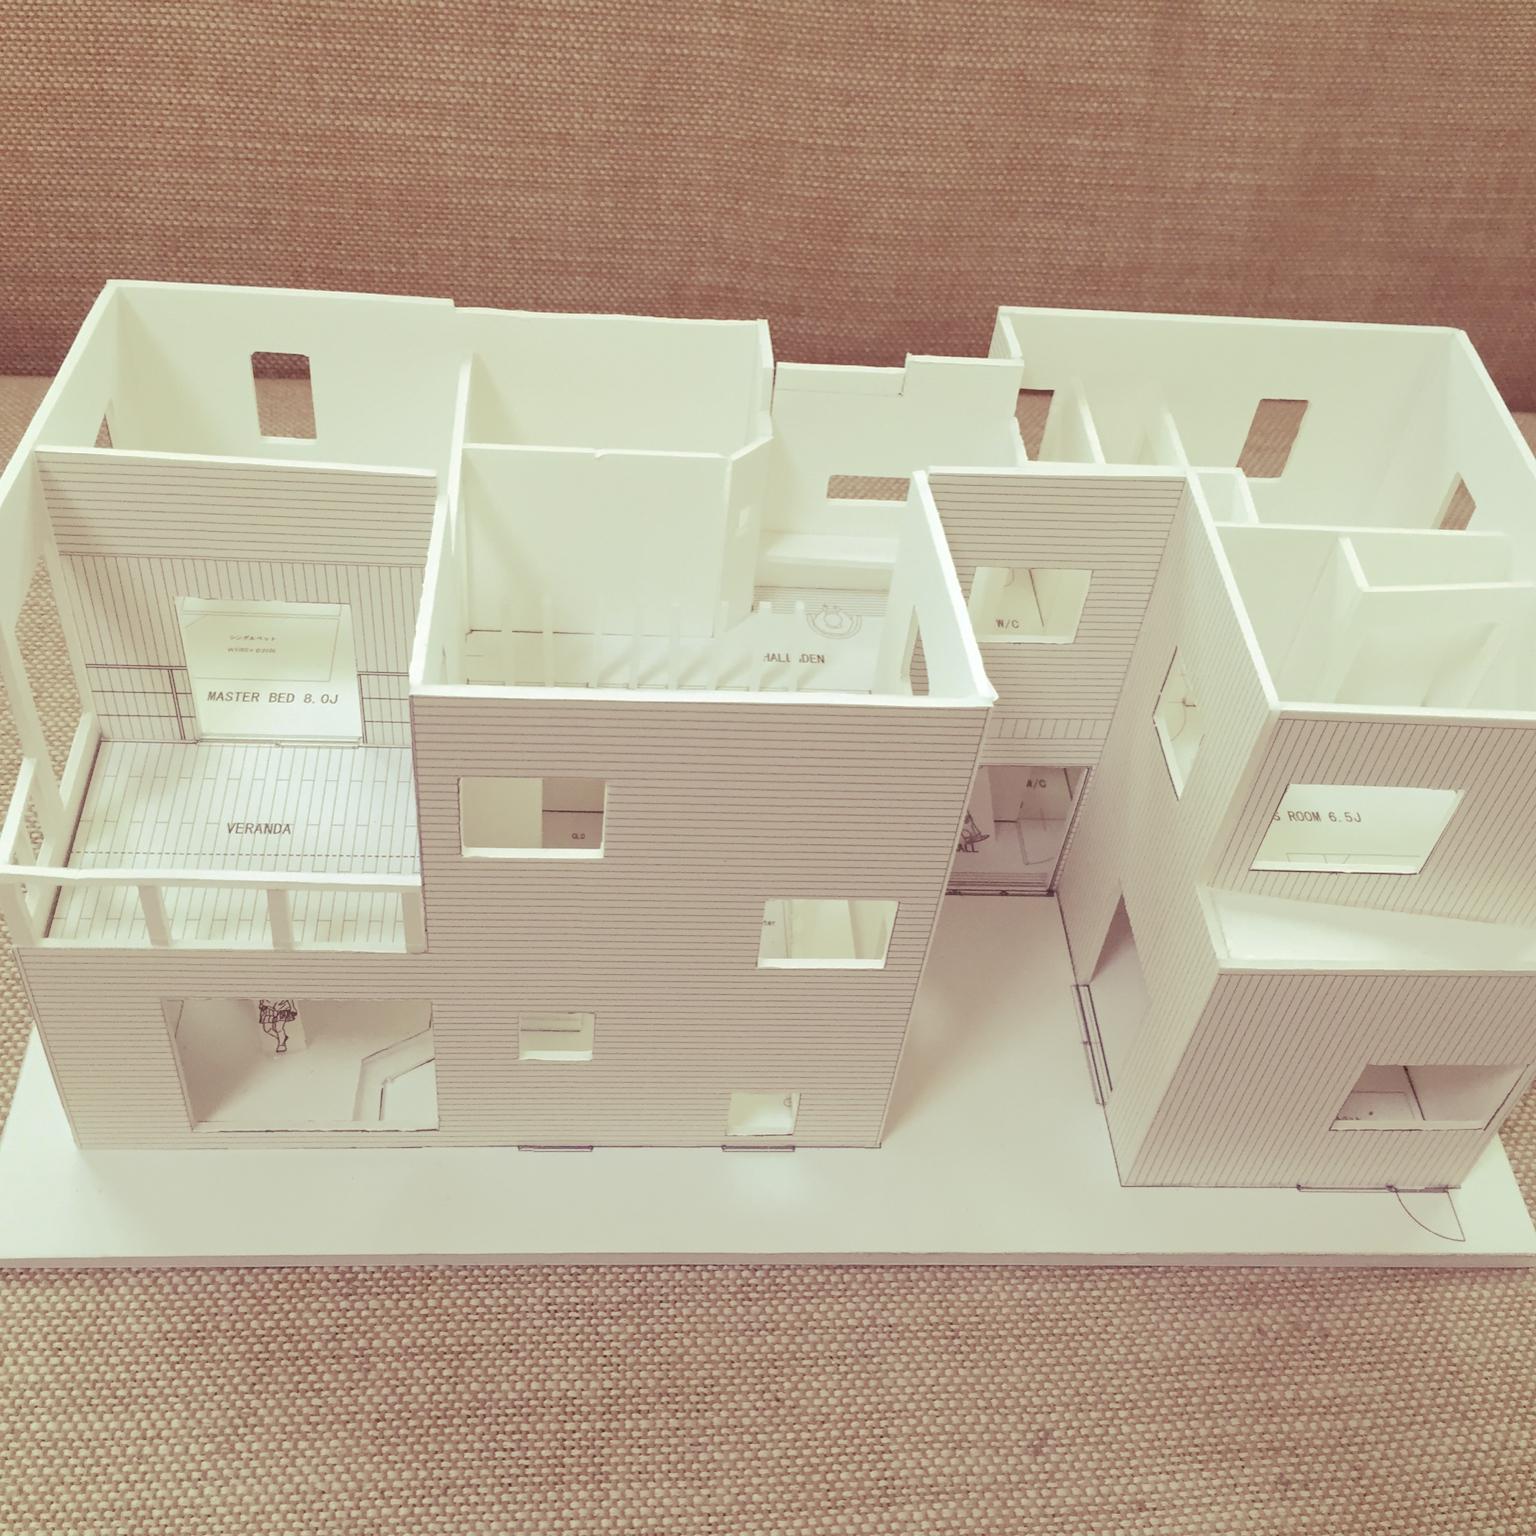 女性で、4LDK、家族住まいの新築マイホーム/模型/はじめまして♡/部屋全体についてのインテリア実例を紹介。